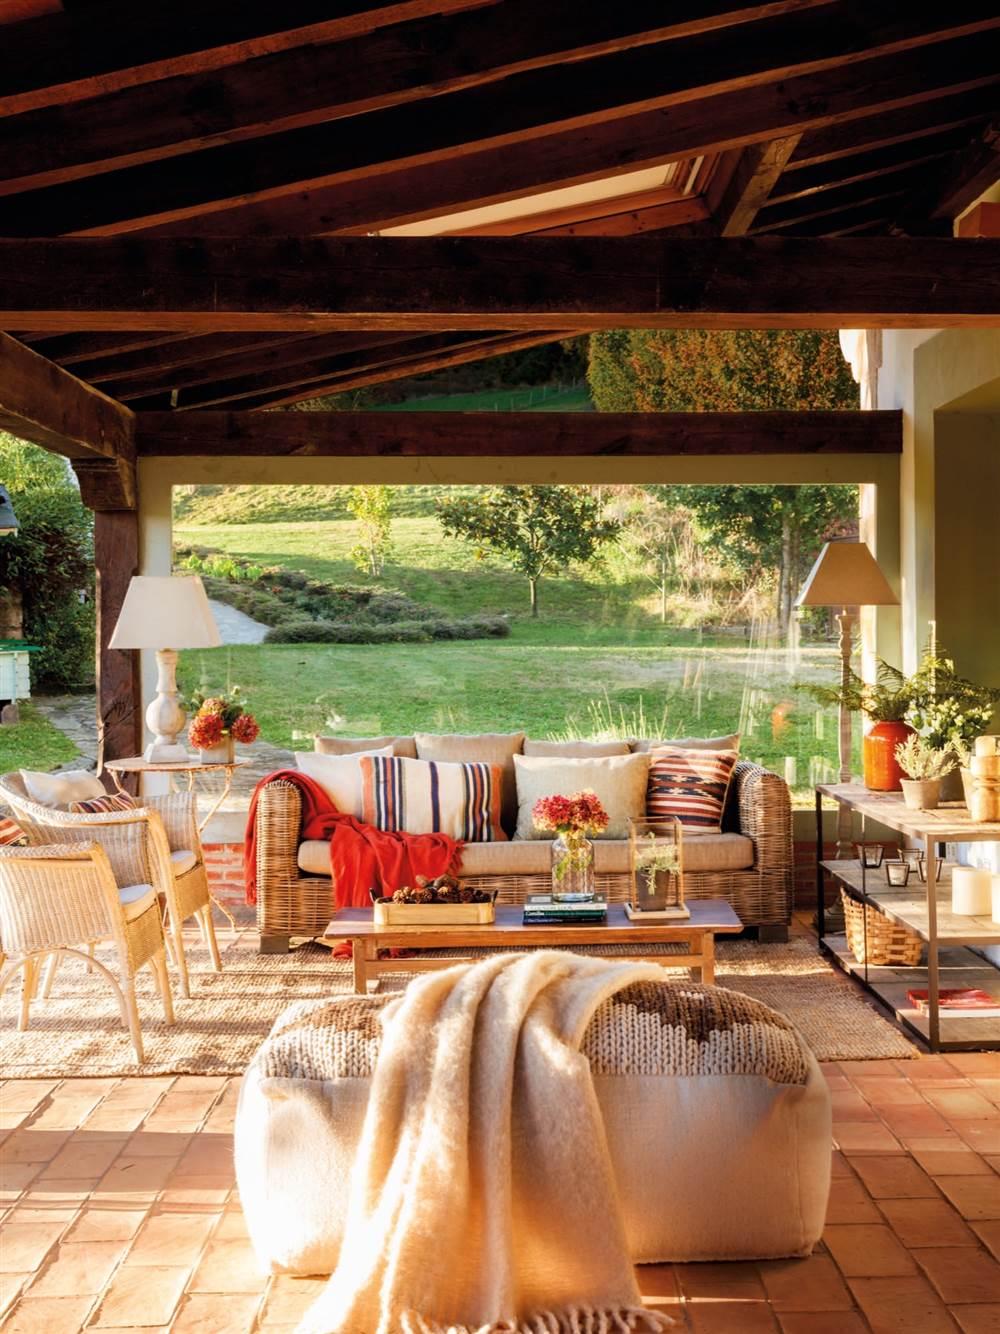 Una casa rustica en cantabria sencilla y muy acogedora for Imagenes de patios de casas pequenas